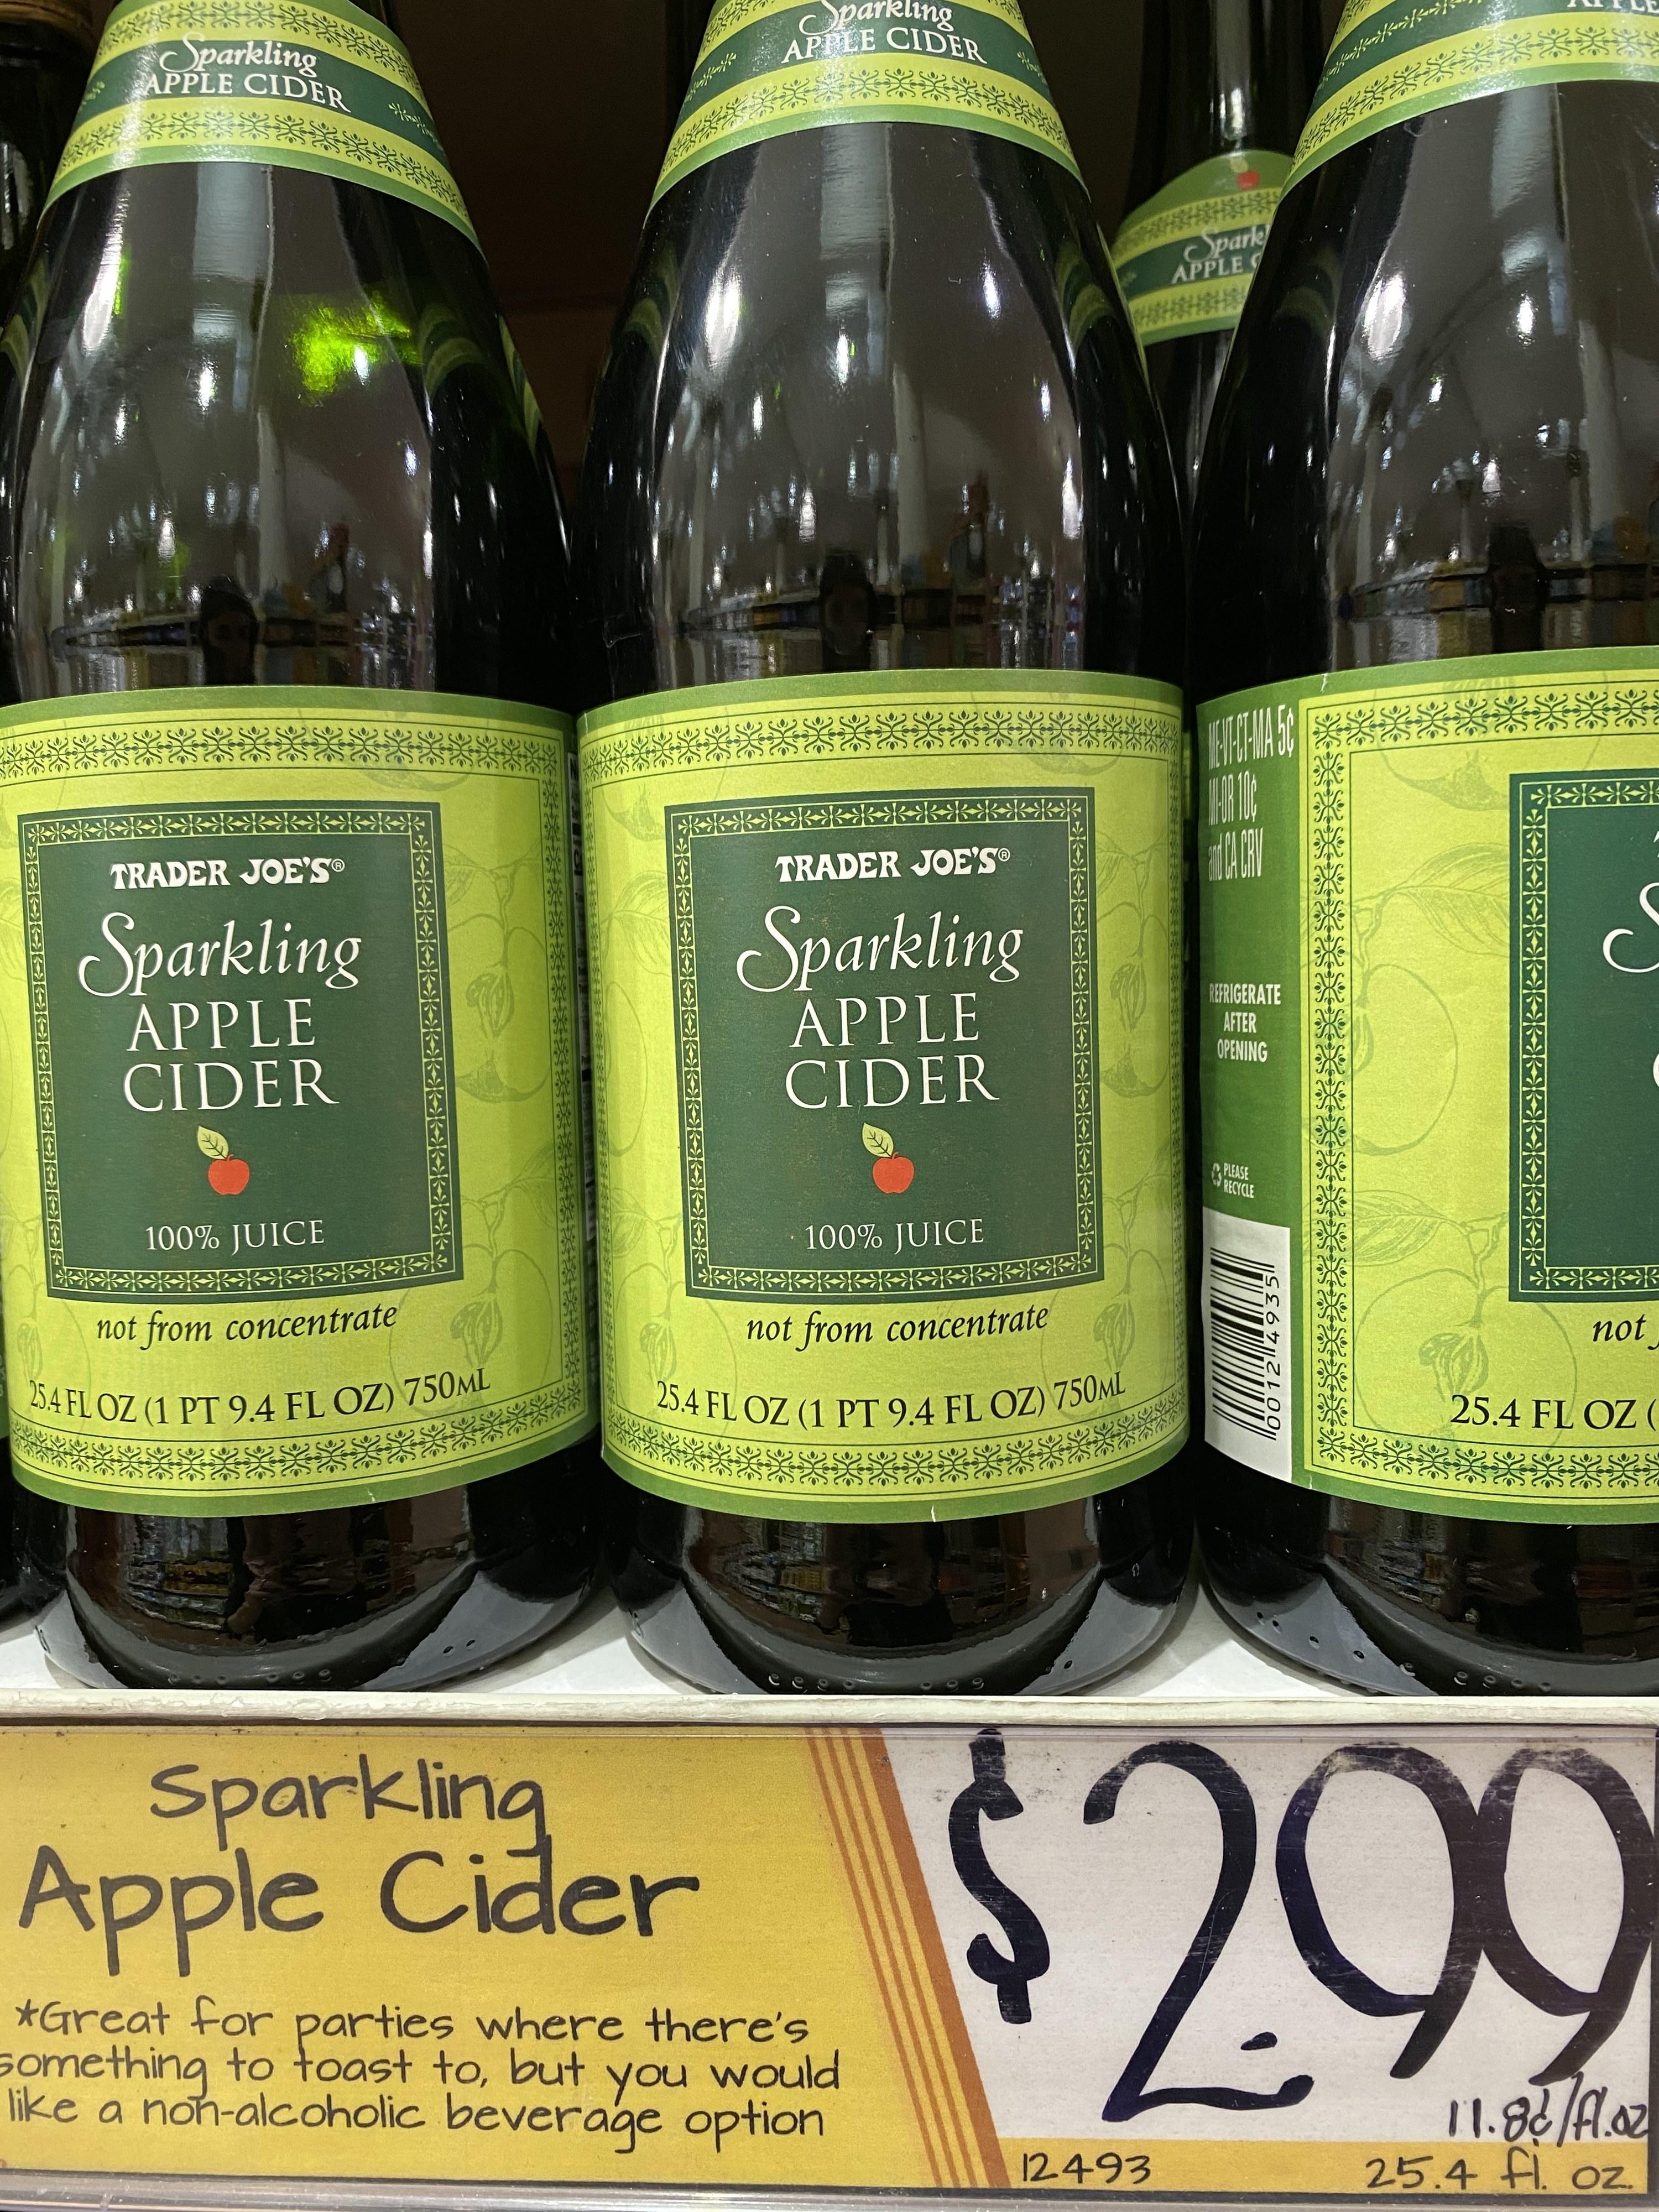 Bottles of sparkling apple cider.